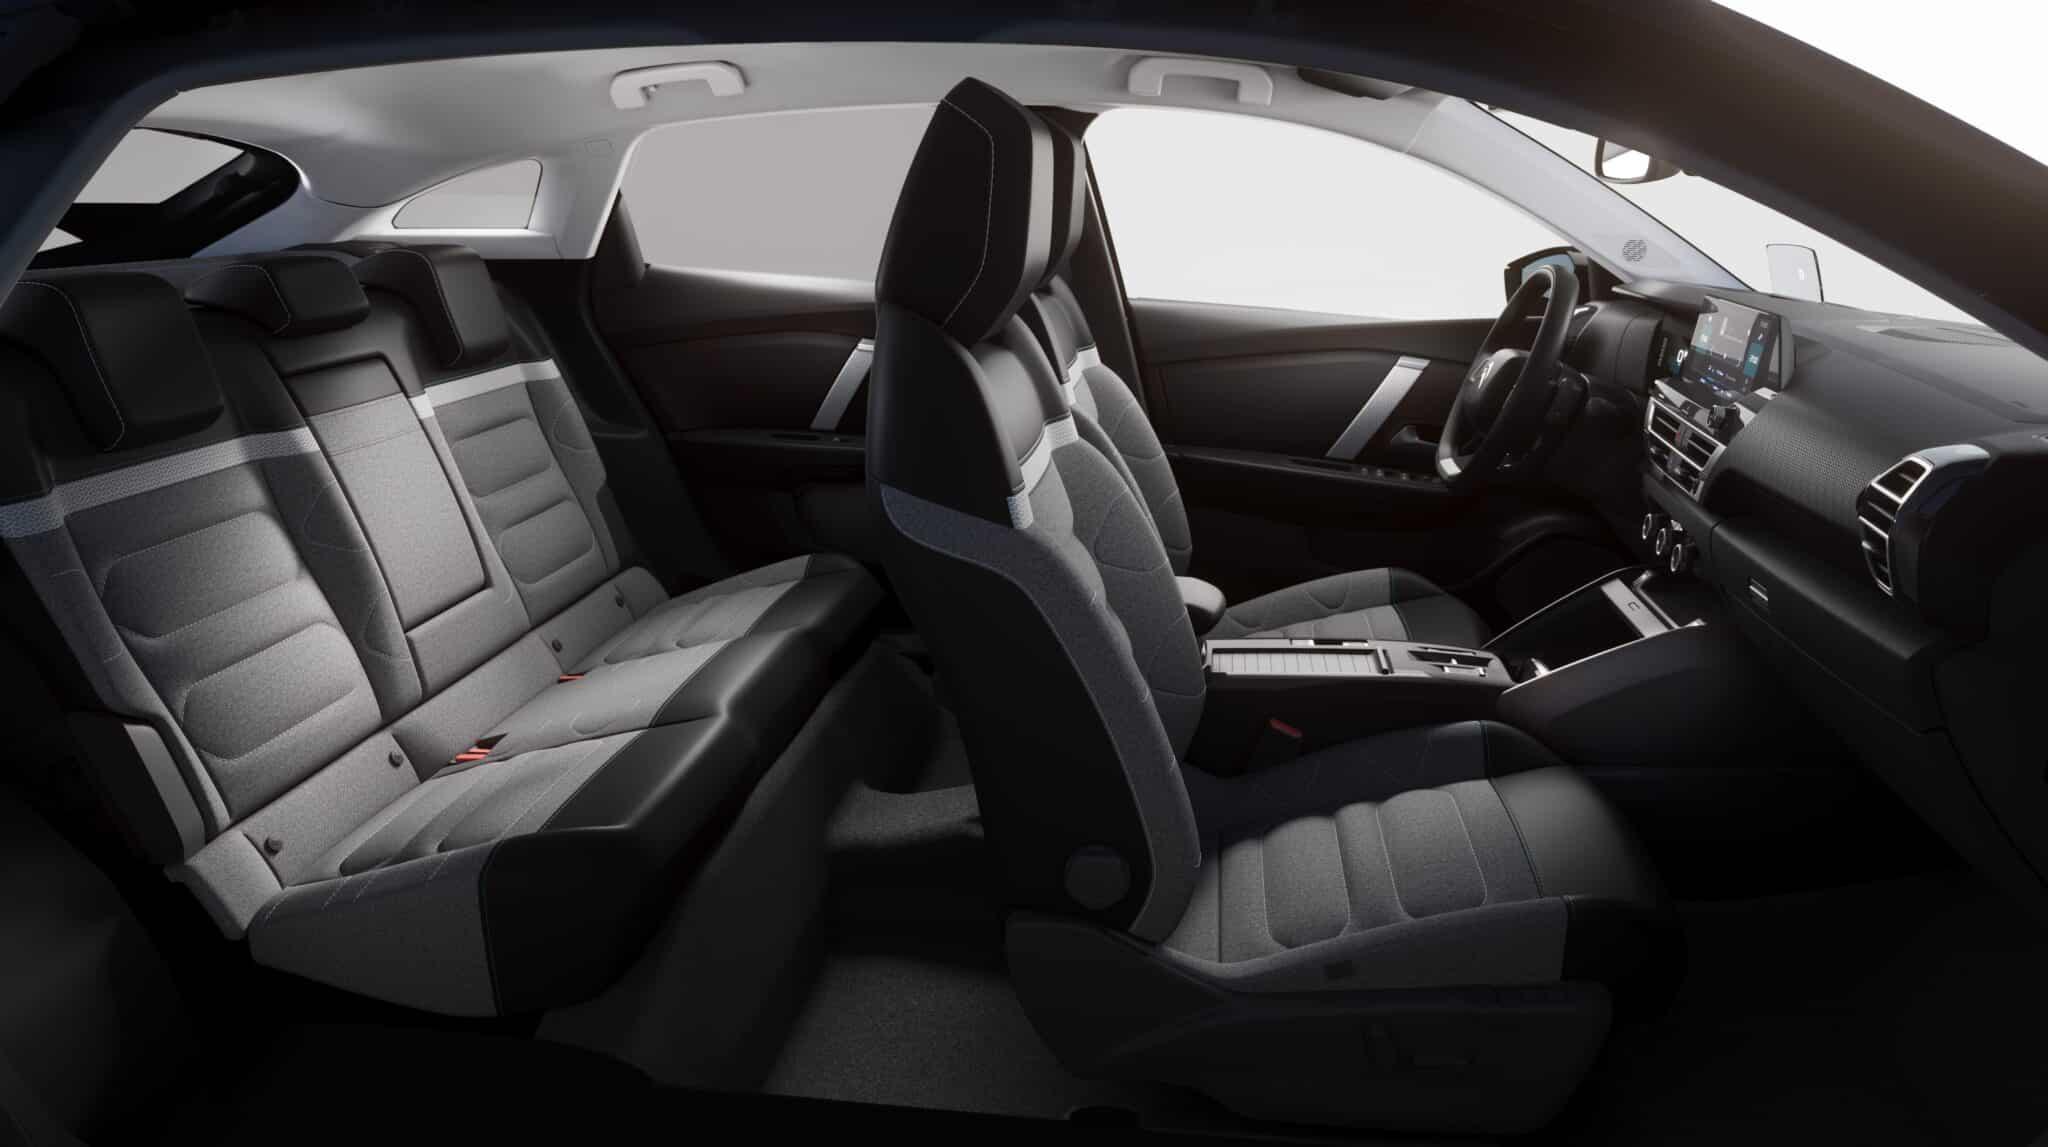 Neuer ë-C4 - Citroën erfindet die Kompaktlimousine NEU! | CL 20.024.0162 min scaled